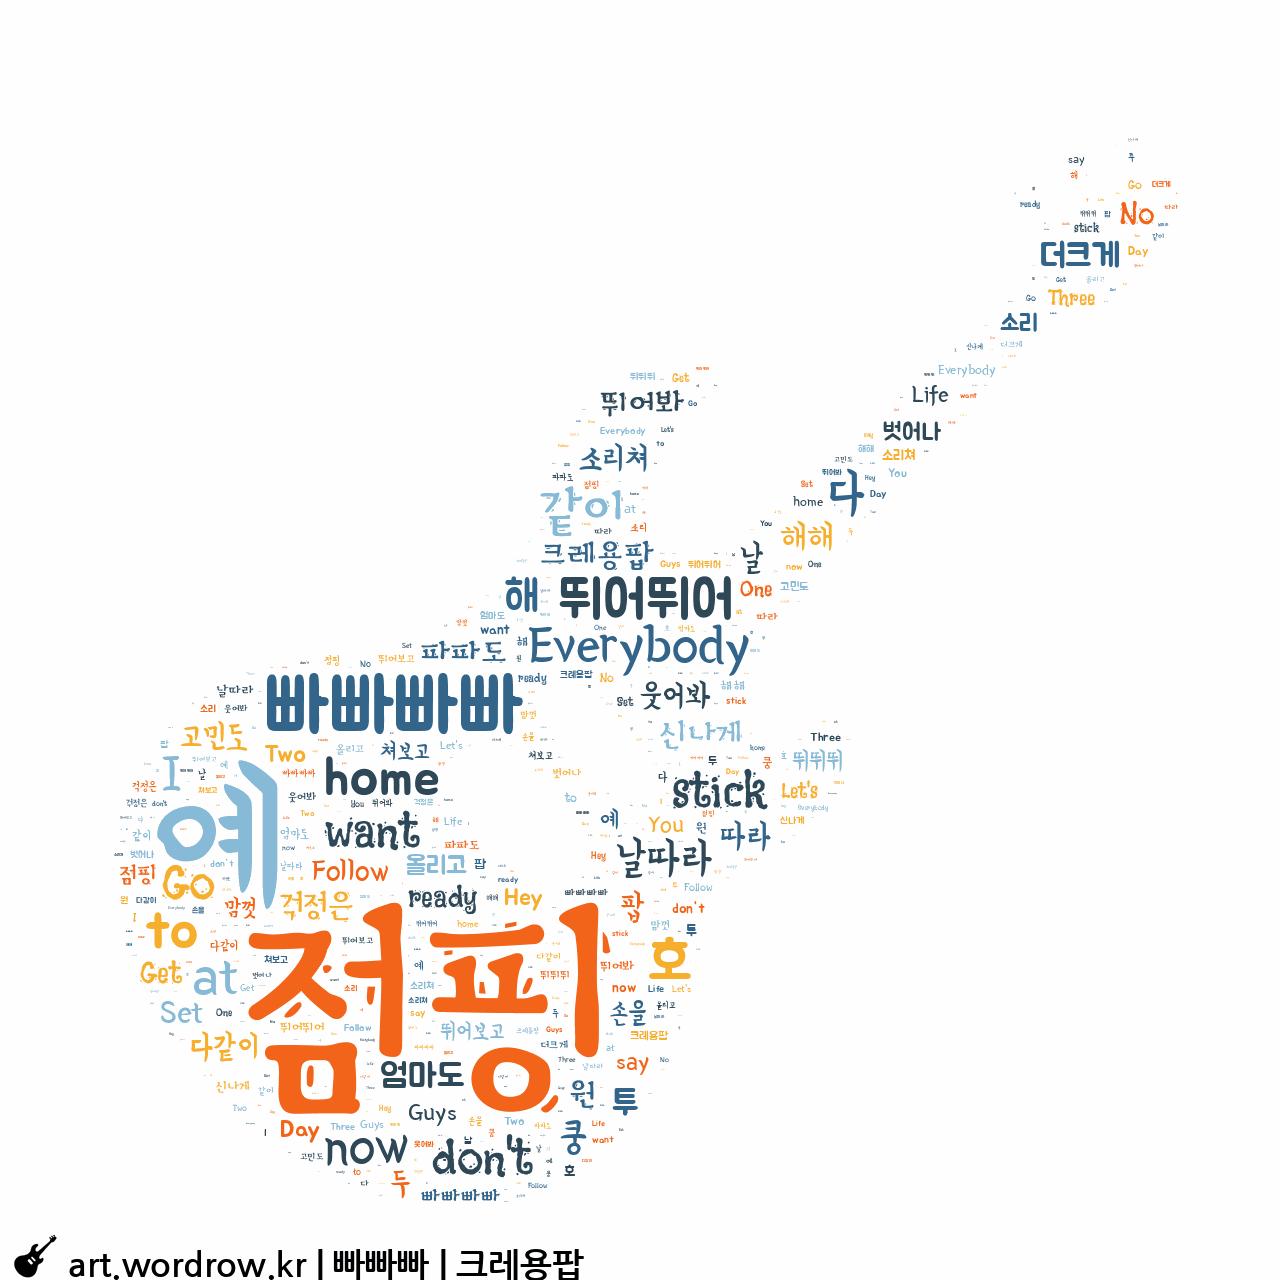 워드 아트: 빠빠빠 [크레용팝]-17